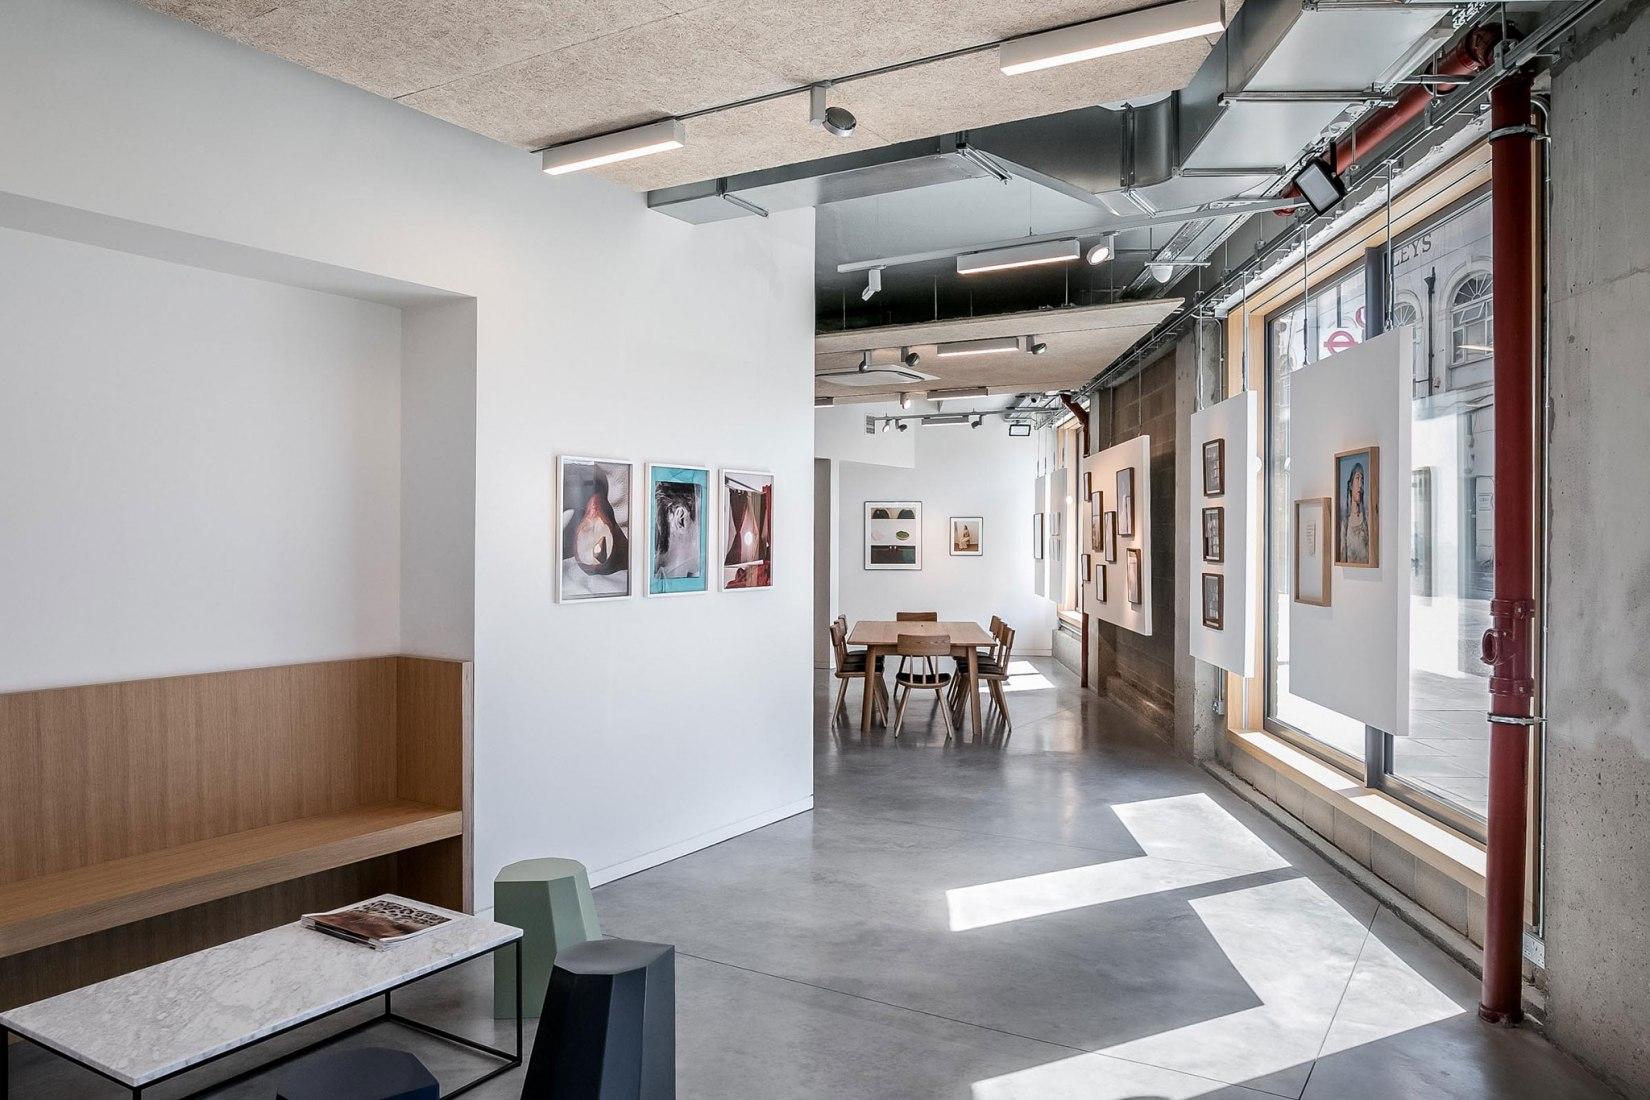 Espacio creativo para reuniones a lo largo de la fachada sur. Agencia creativa Dalston-N16 por VOSS Architects. Fotografía por Taran Wilkhu Photography